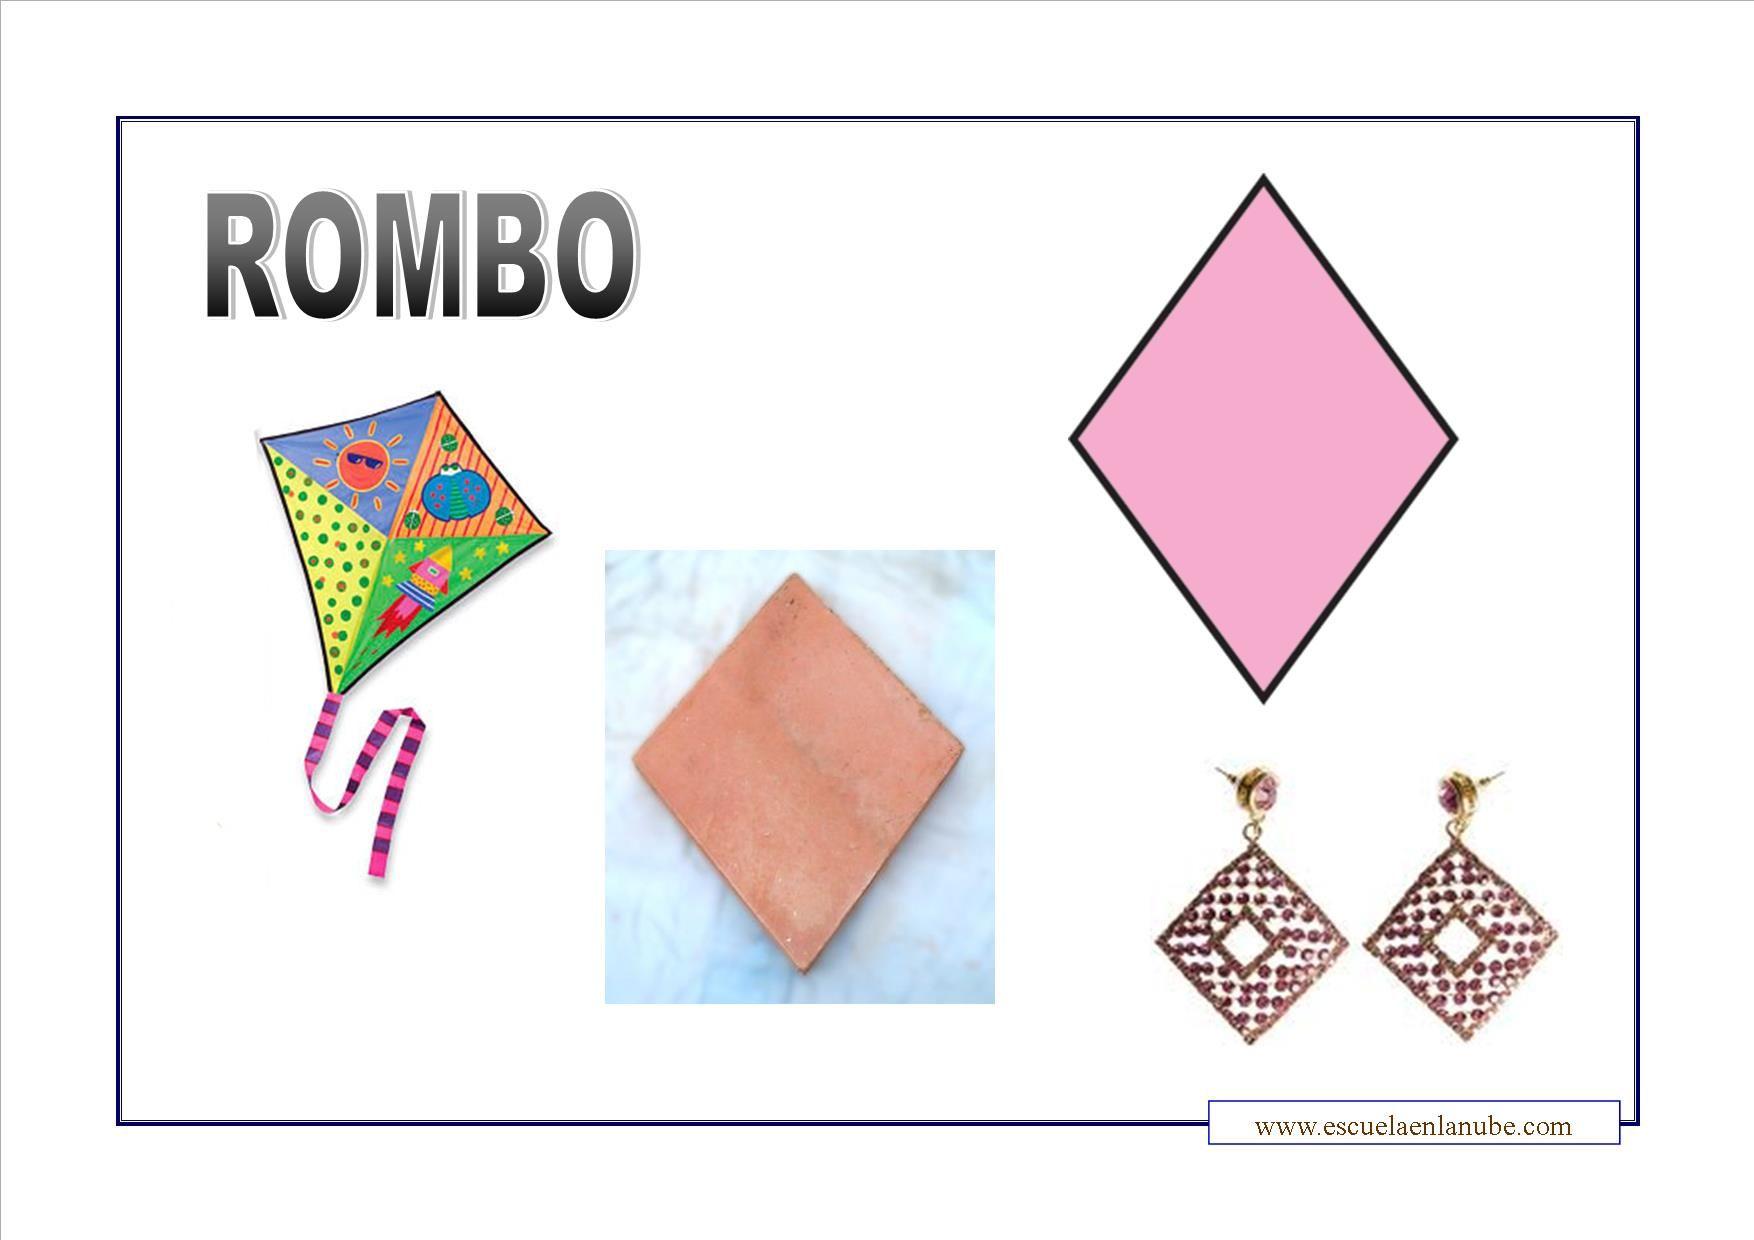 Figuras Geometricas Recursos Para Imprimir Y Trabajar Con Los Peques Fichas Para Ensenar Y Reconocer Las Distinta Figuras Geometricas Rombos Forma Geometrica